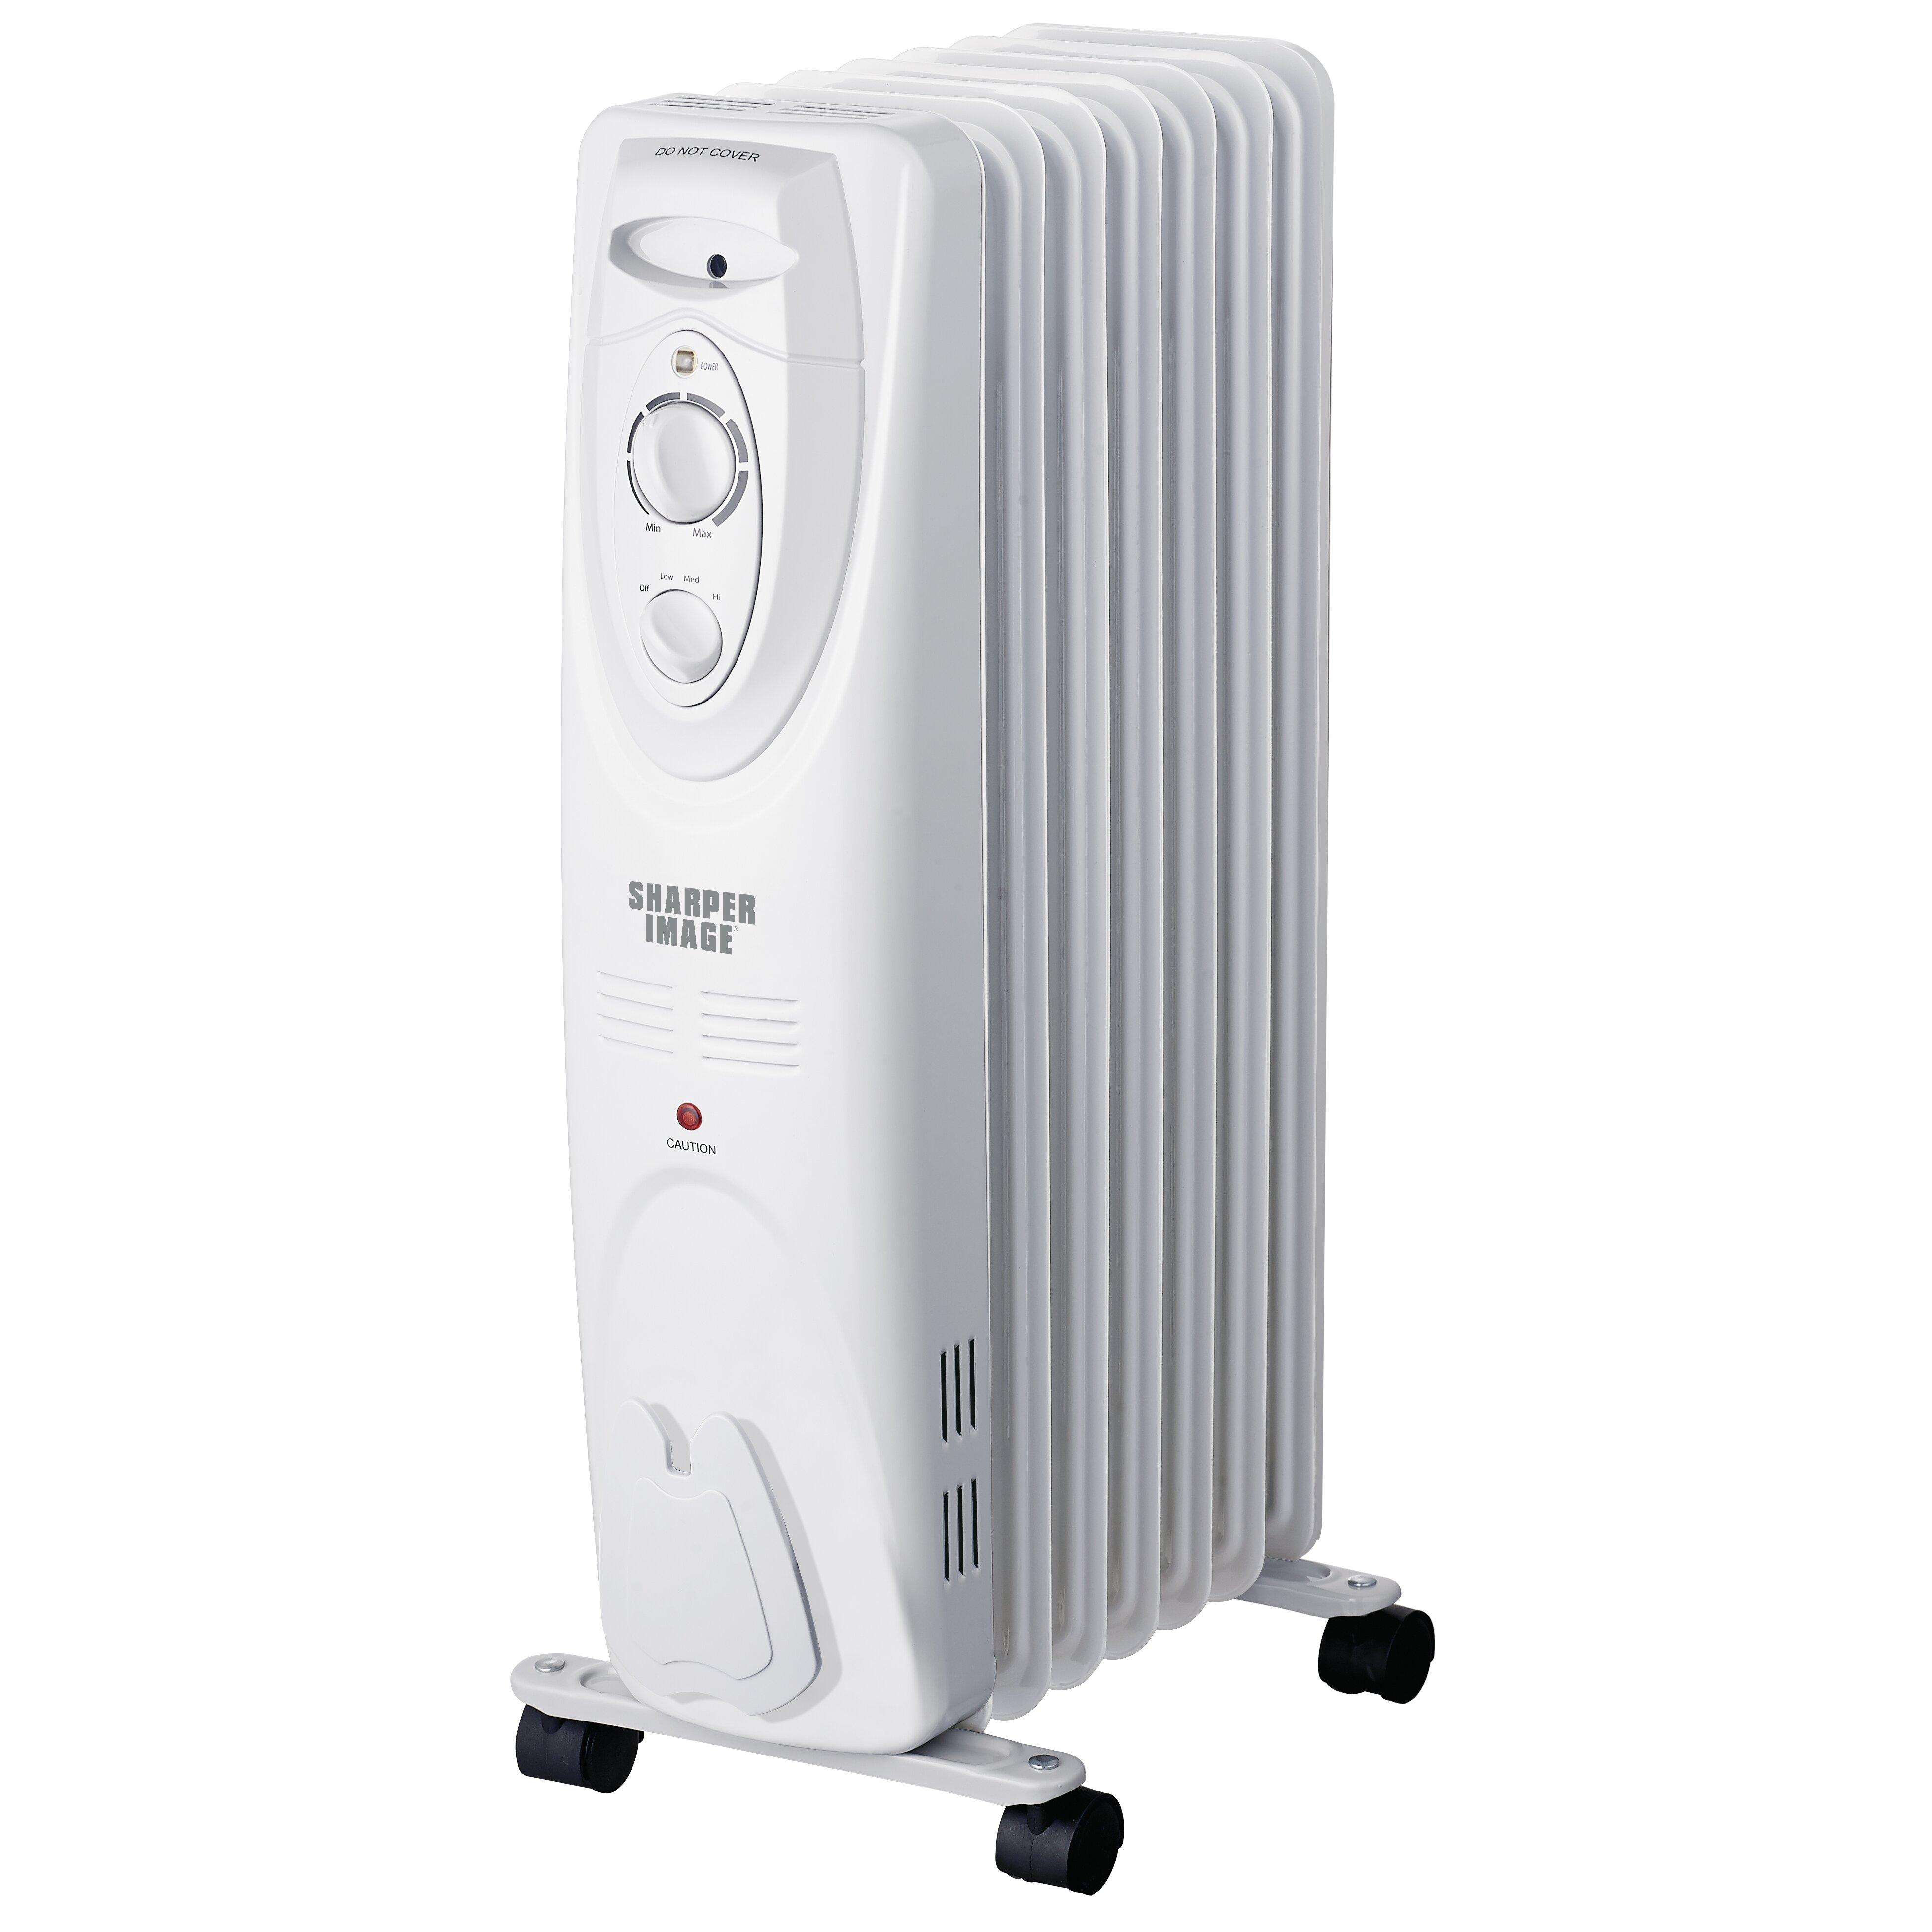 Delonghi safe heat oil filled radiator - Sharper Image Portable Oil Filled Radiator